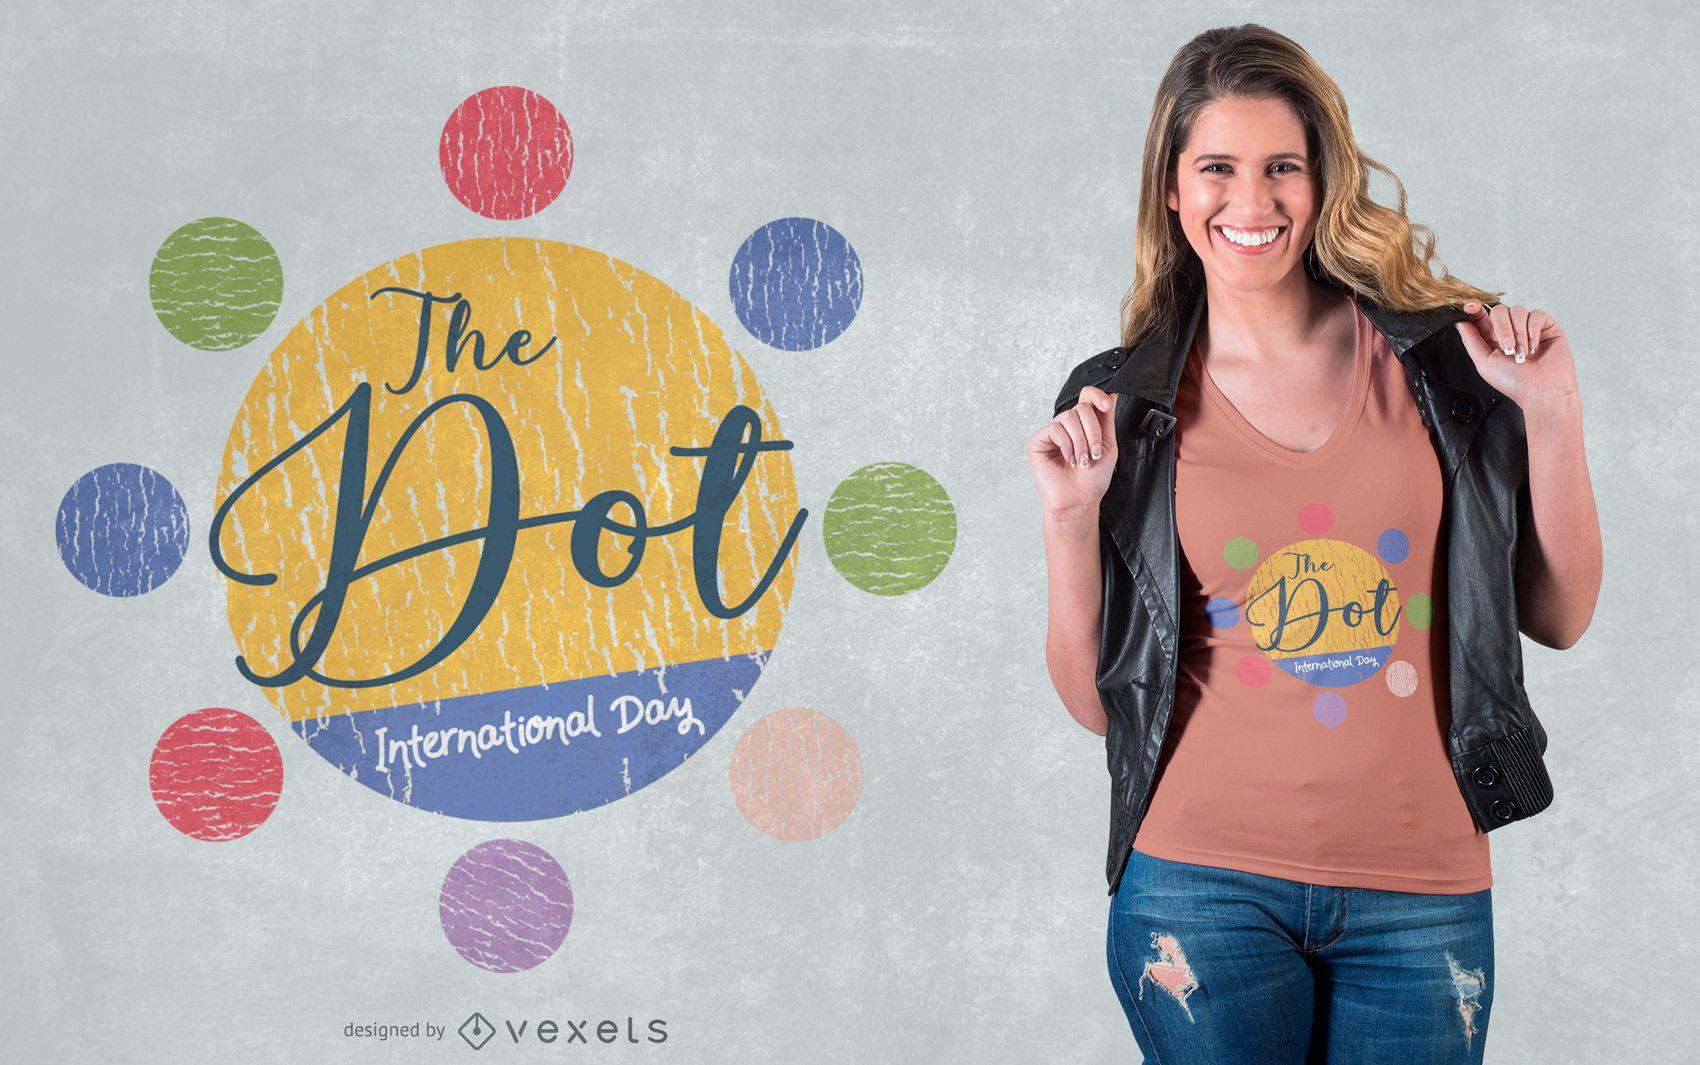 The Dot International Day T-shirt Design